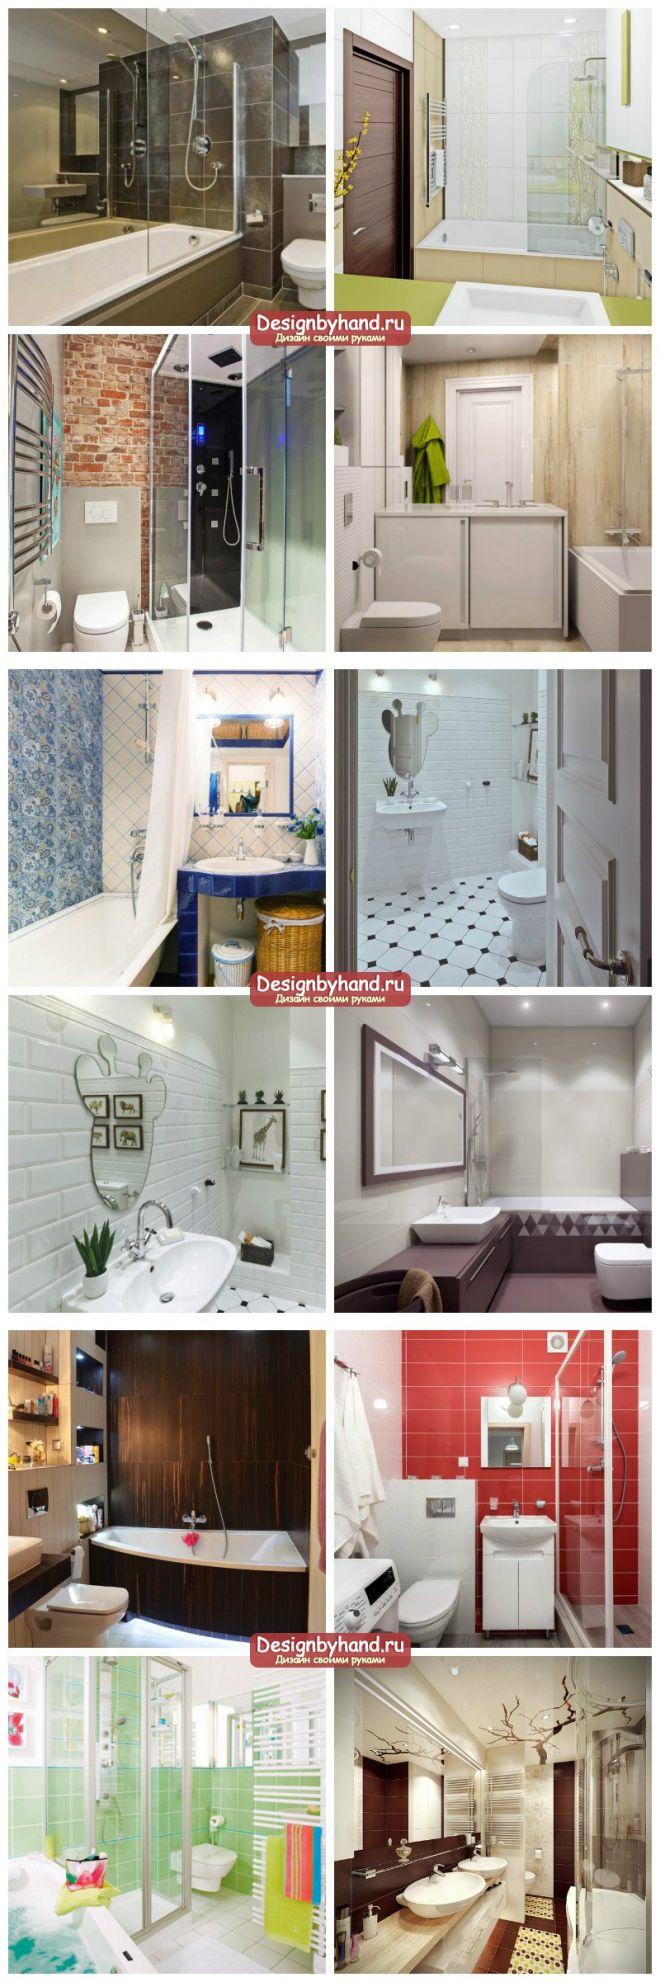 Плитка для маленькой ванной комнаты. Фото и идеи по оформлению